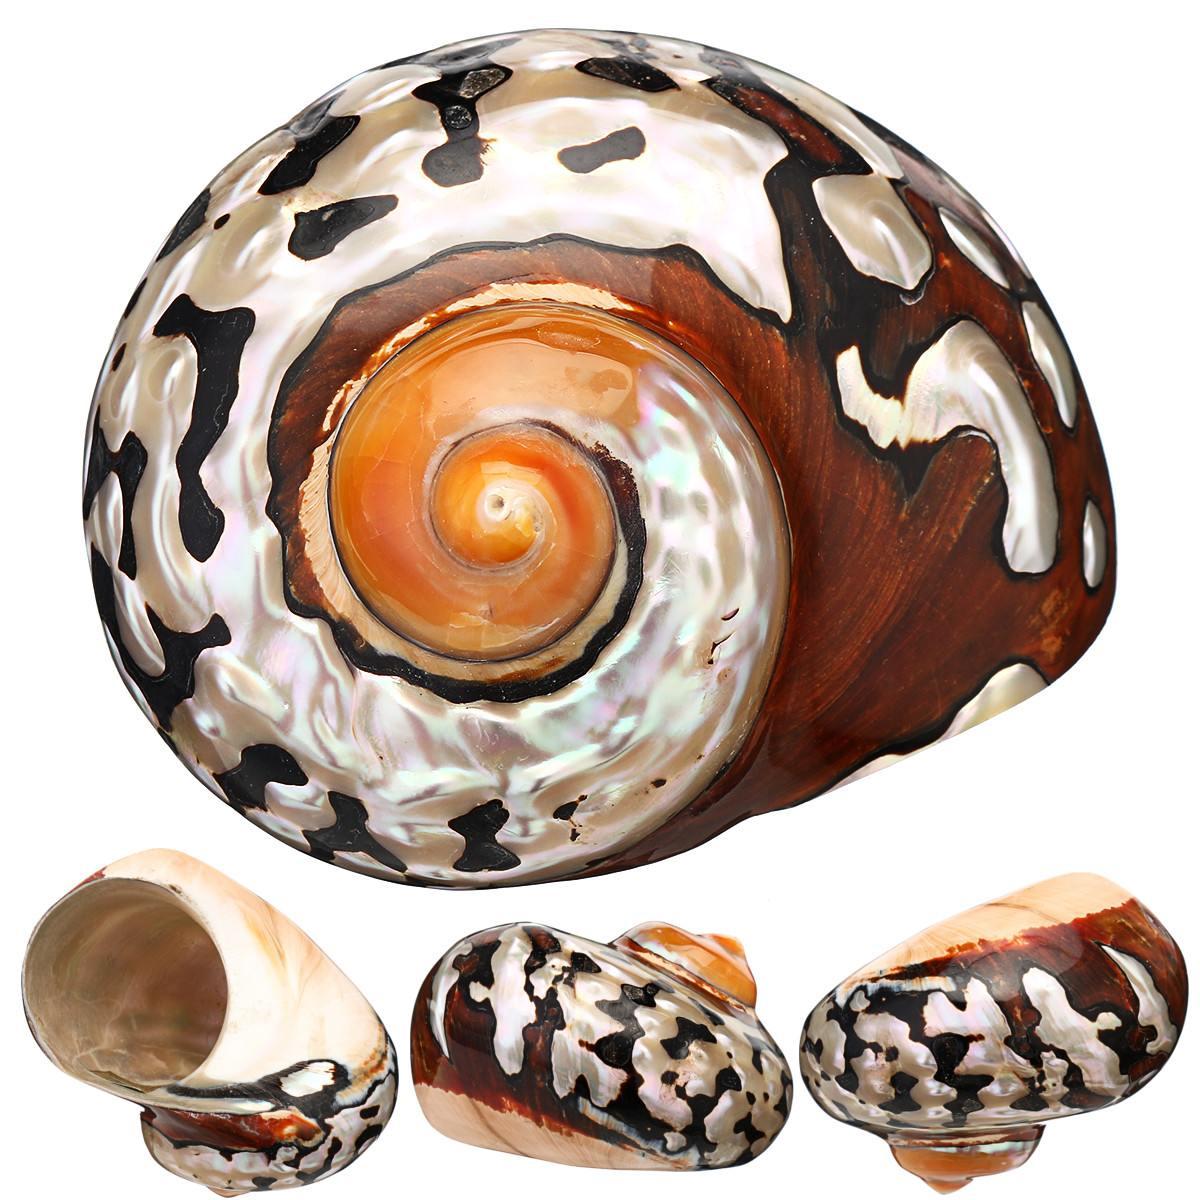 6-9,5 cm turbante de mar Natural africano concha de Coral Caracol Seashell Conch miniatura casa pecera decoración artesanal colección nueva INJORA 2 uds Metal Pedal y caja de receptor para 1:10 RC Rock Crawler coche Axial Scx10 SCX10 II 90046 Jeep Wrangler Shell cuerpo